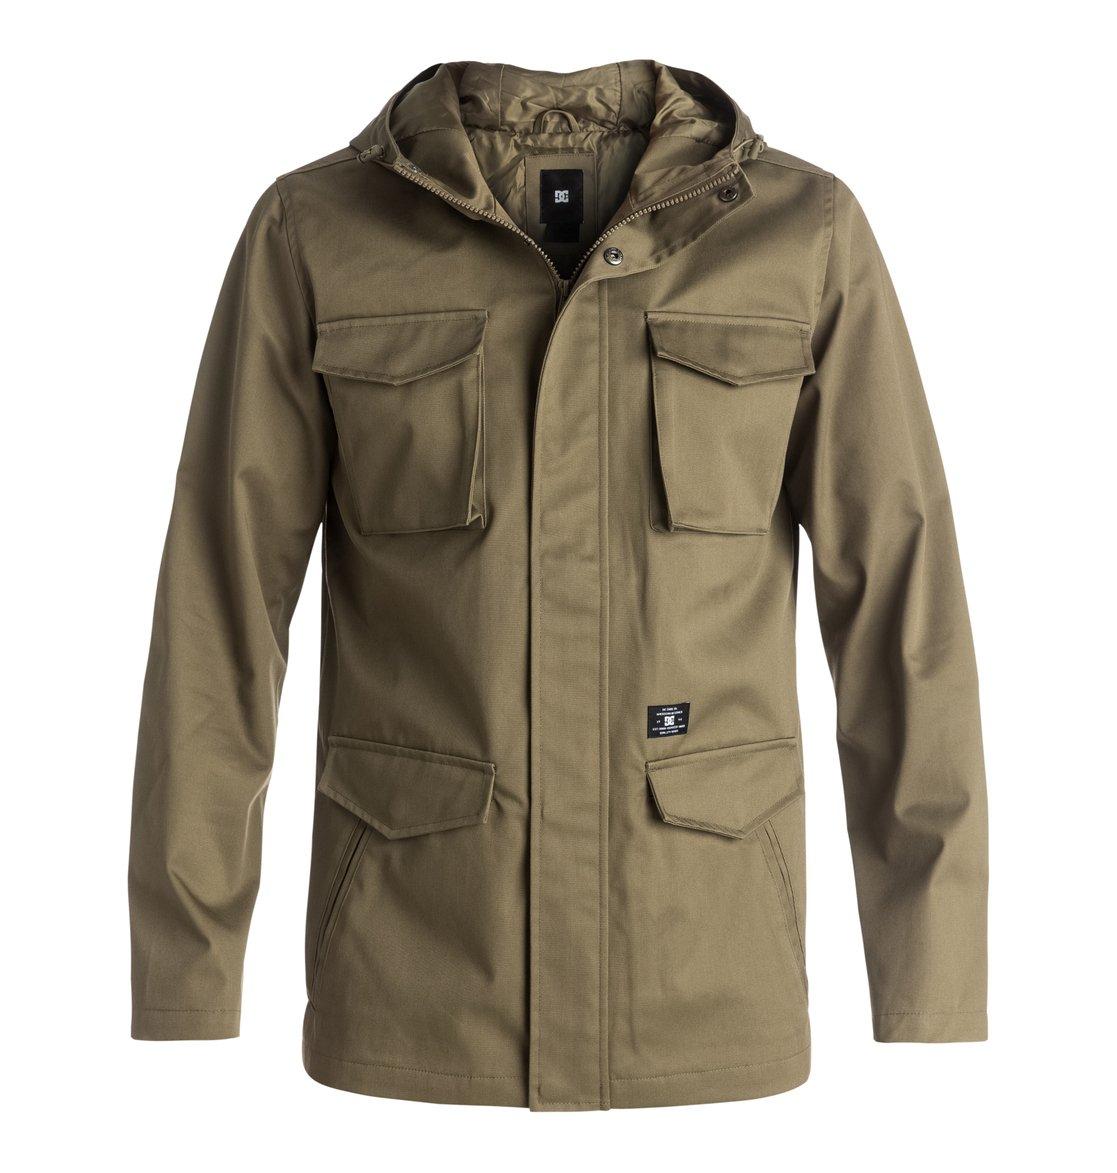 Куртка Mastadon в стиле легендарной армейской M65